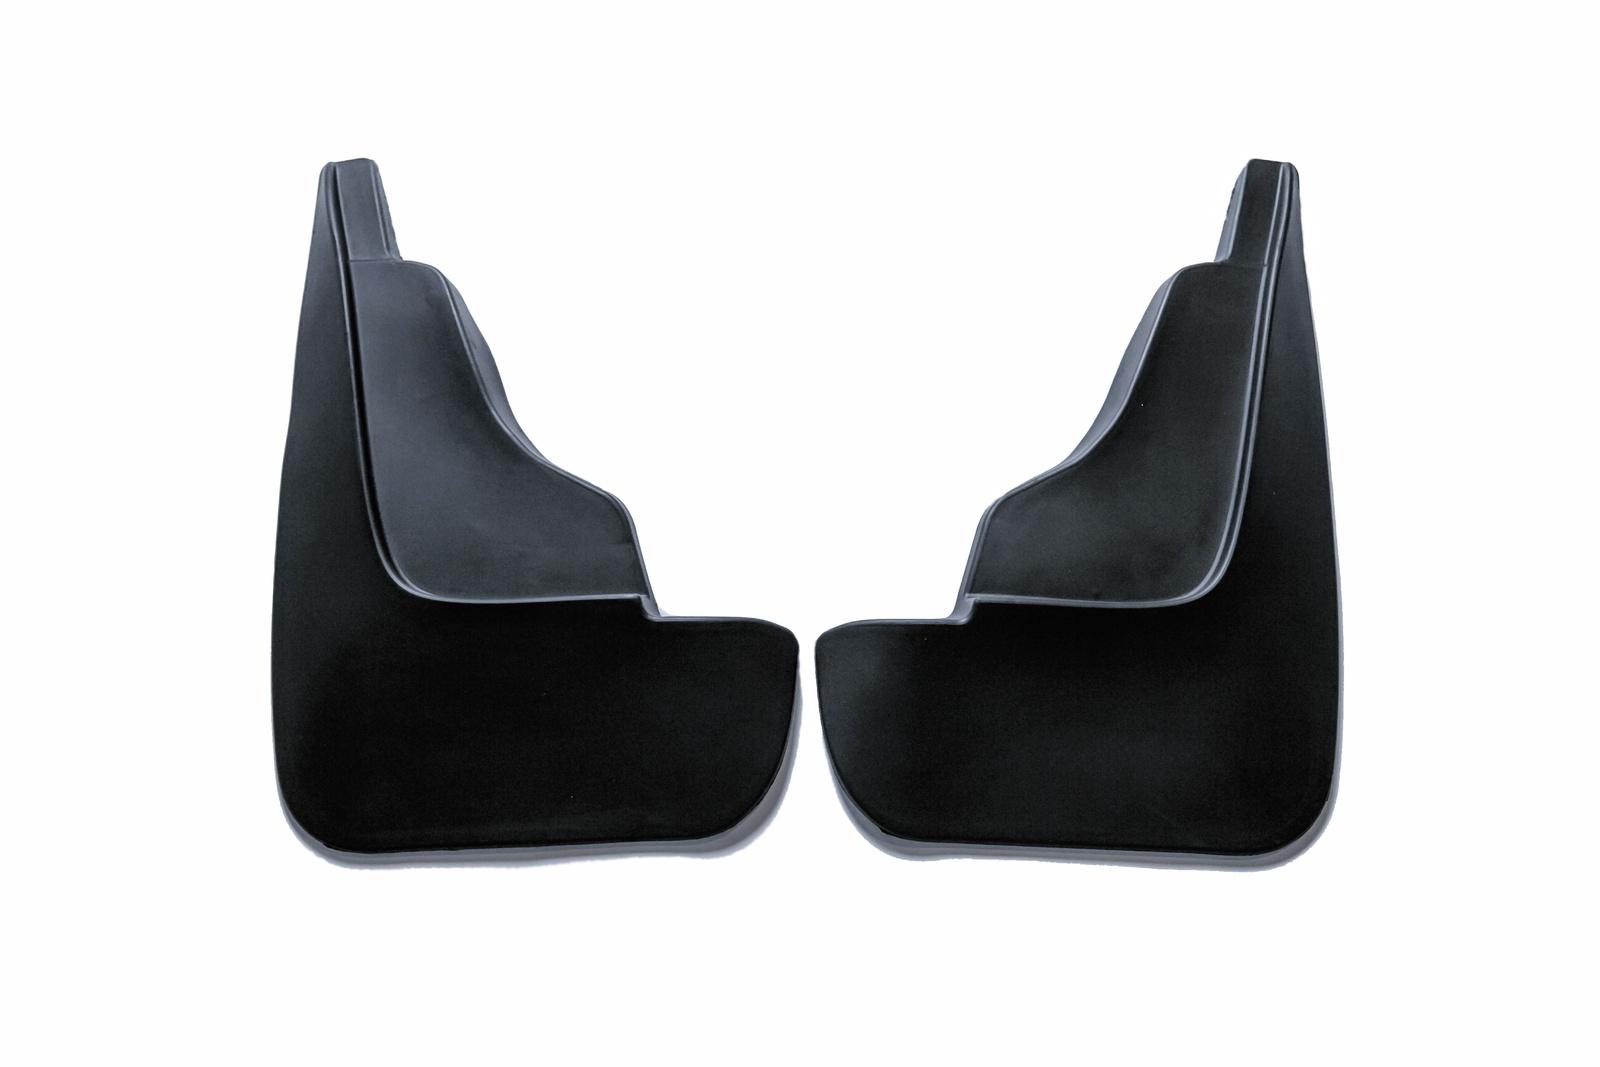 Брызговики резиновые для Renault Duster (2011-) Передние коврики салона avtodriver для renault duster передний привод 2011 adrjet023 резиновые с бортиком черный